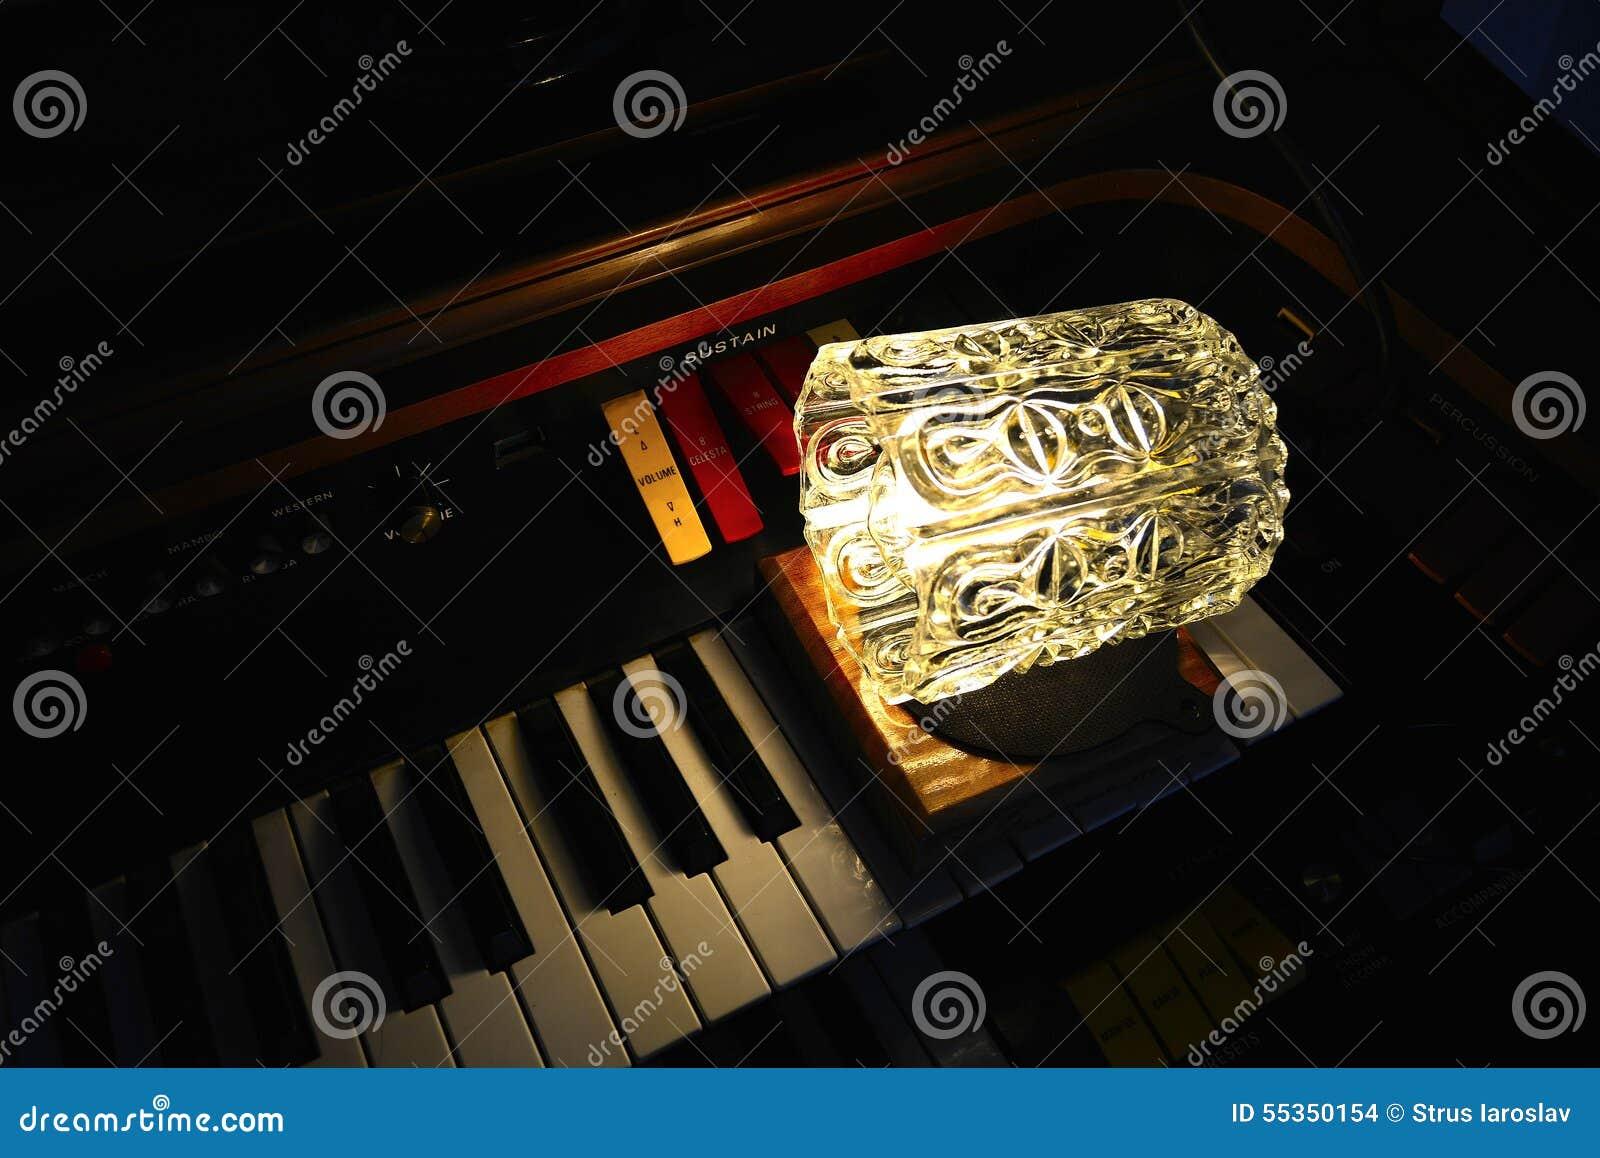 Organo elettronico con la lampada del sottotetto